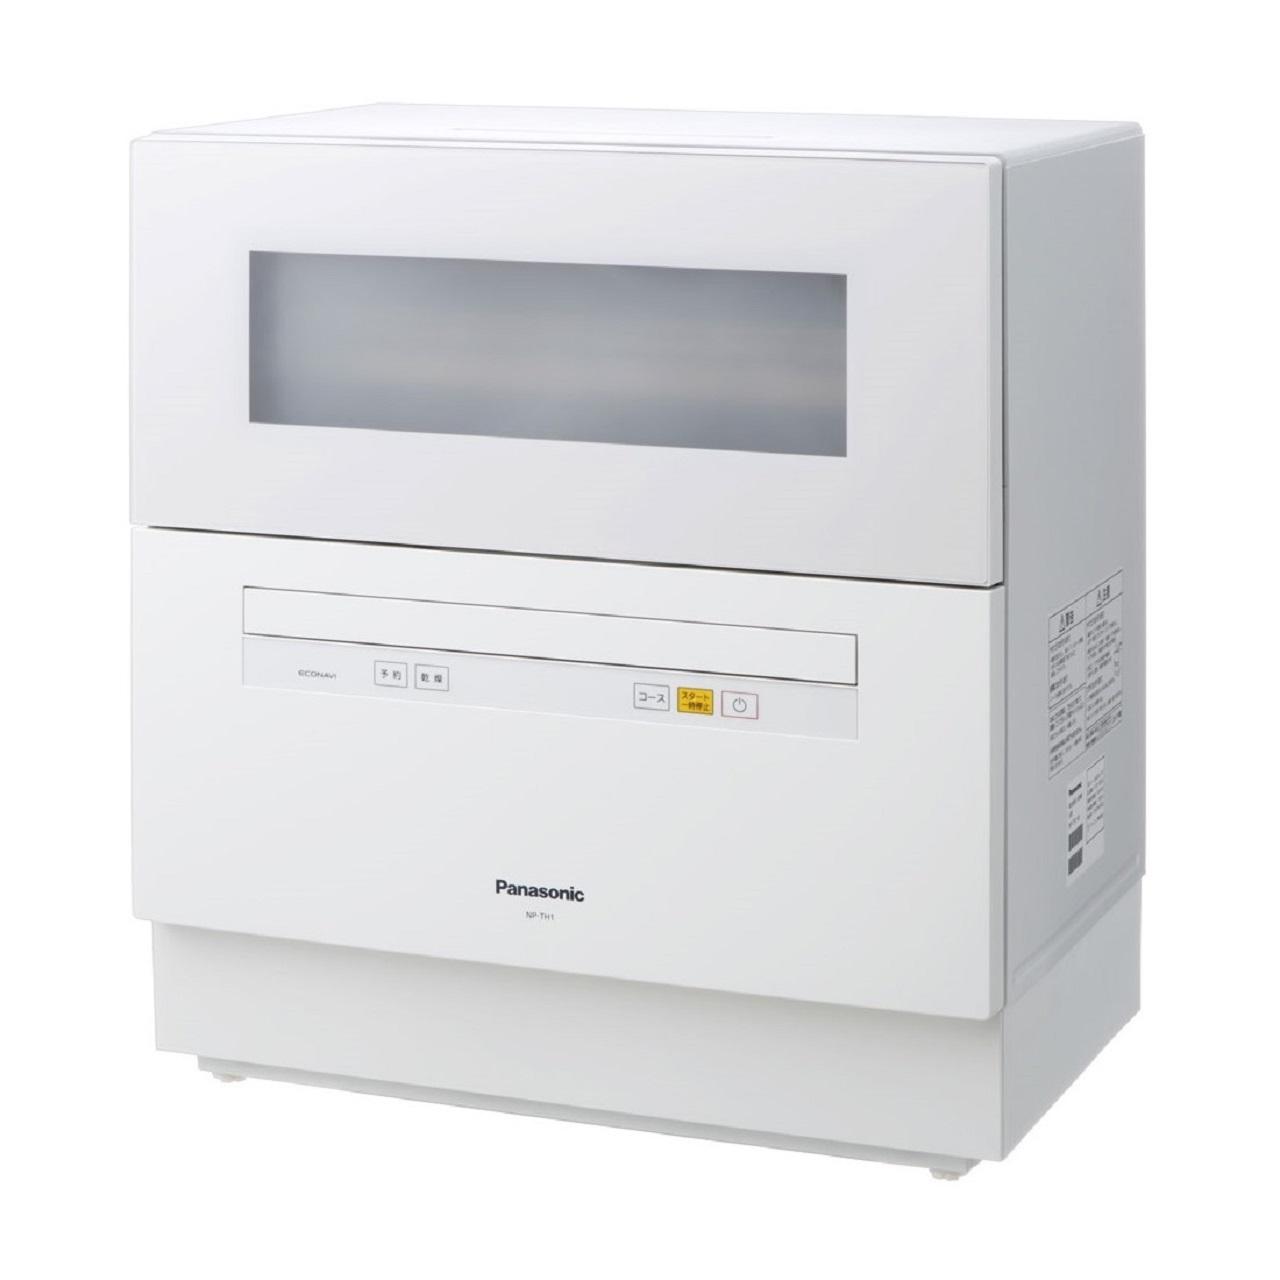 パナソニックNP-TH1食器洗い乾燥機